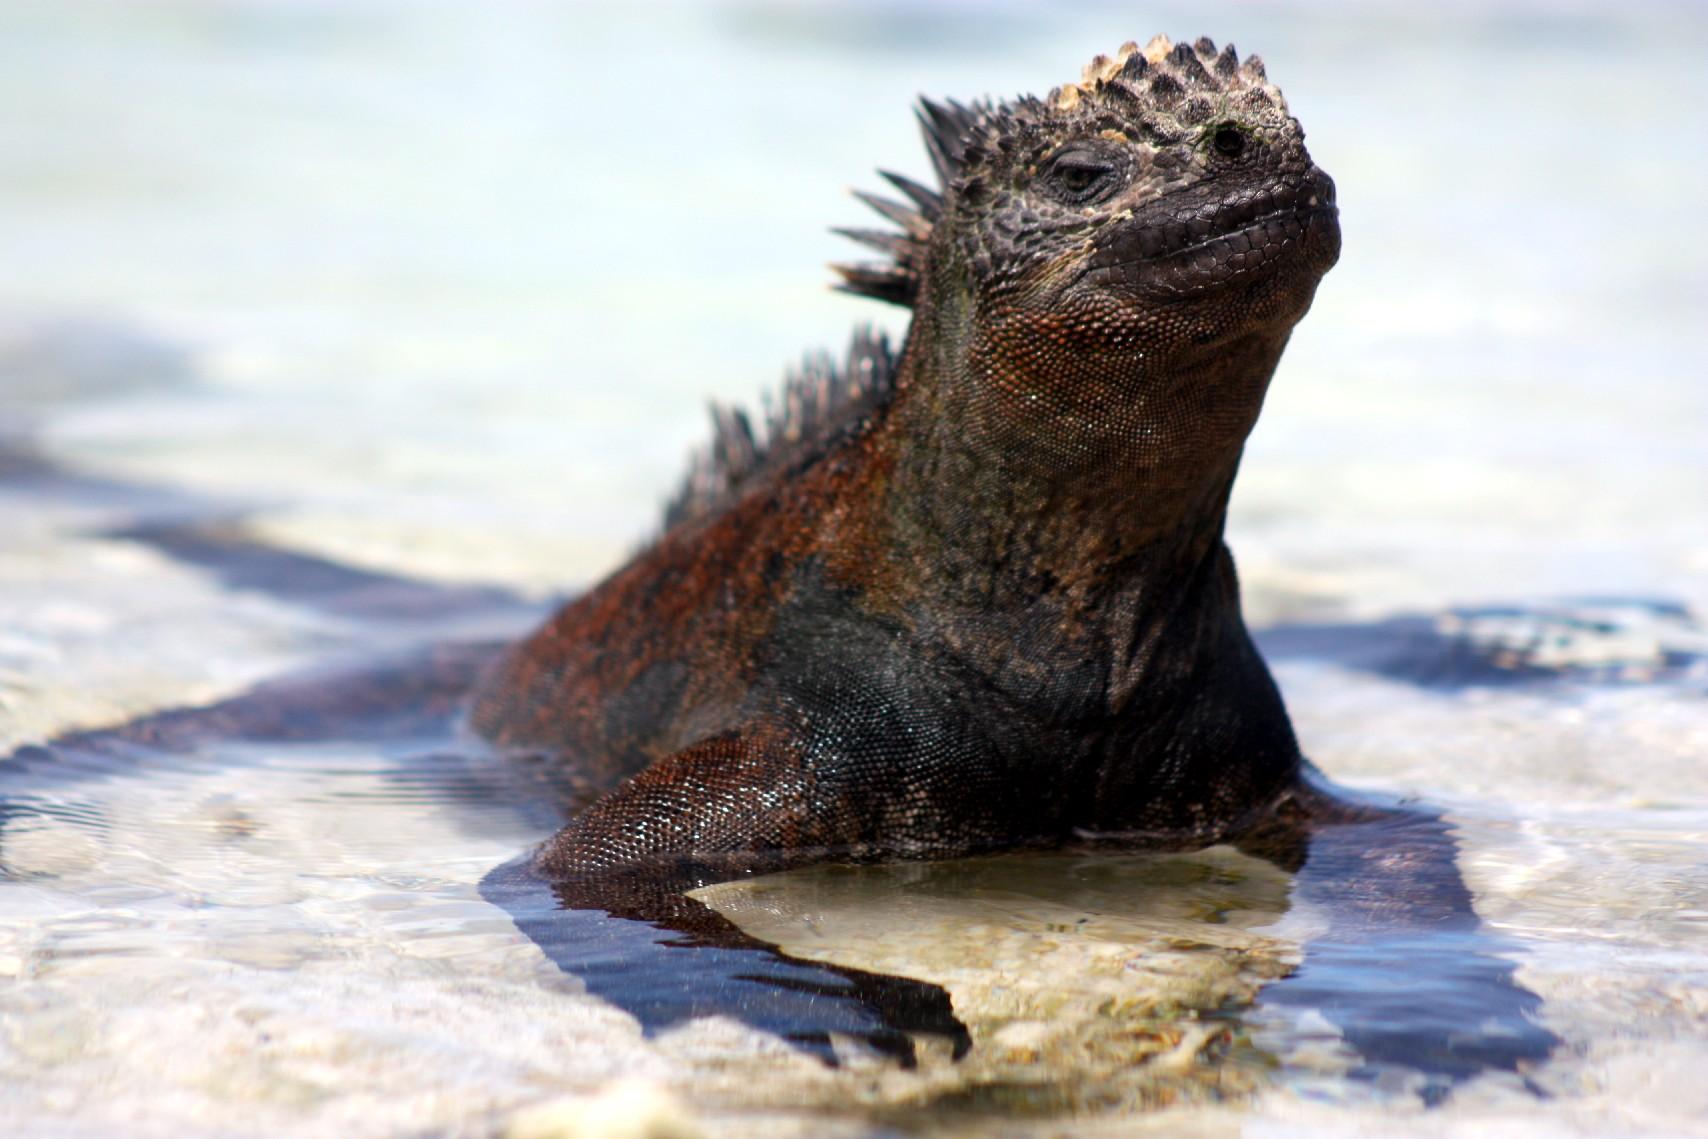 Iguana marinha, espécie única encontrada apenas no arquipélago de Galápagos, no Equador (foto: Eduardo Vessoni)